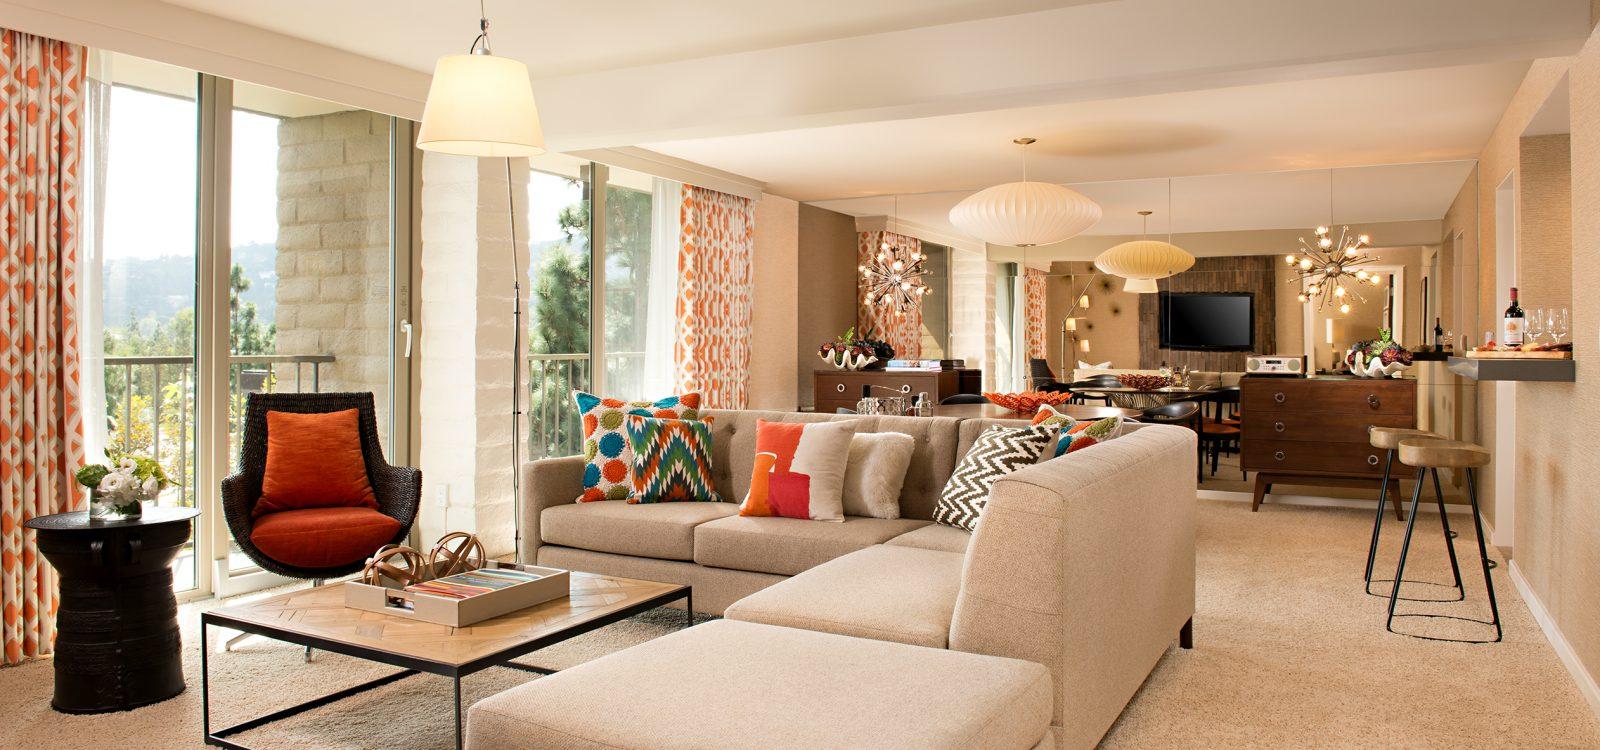 garland-hotel-suite.jpg